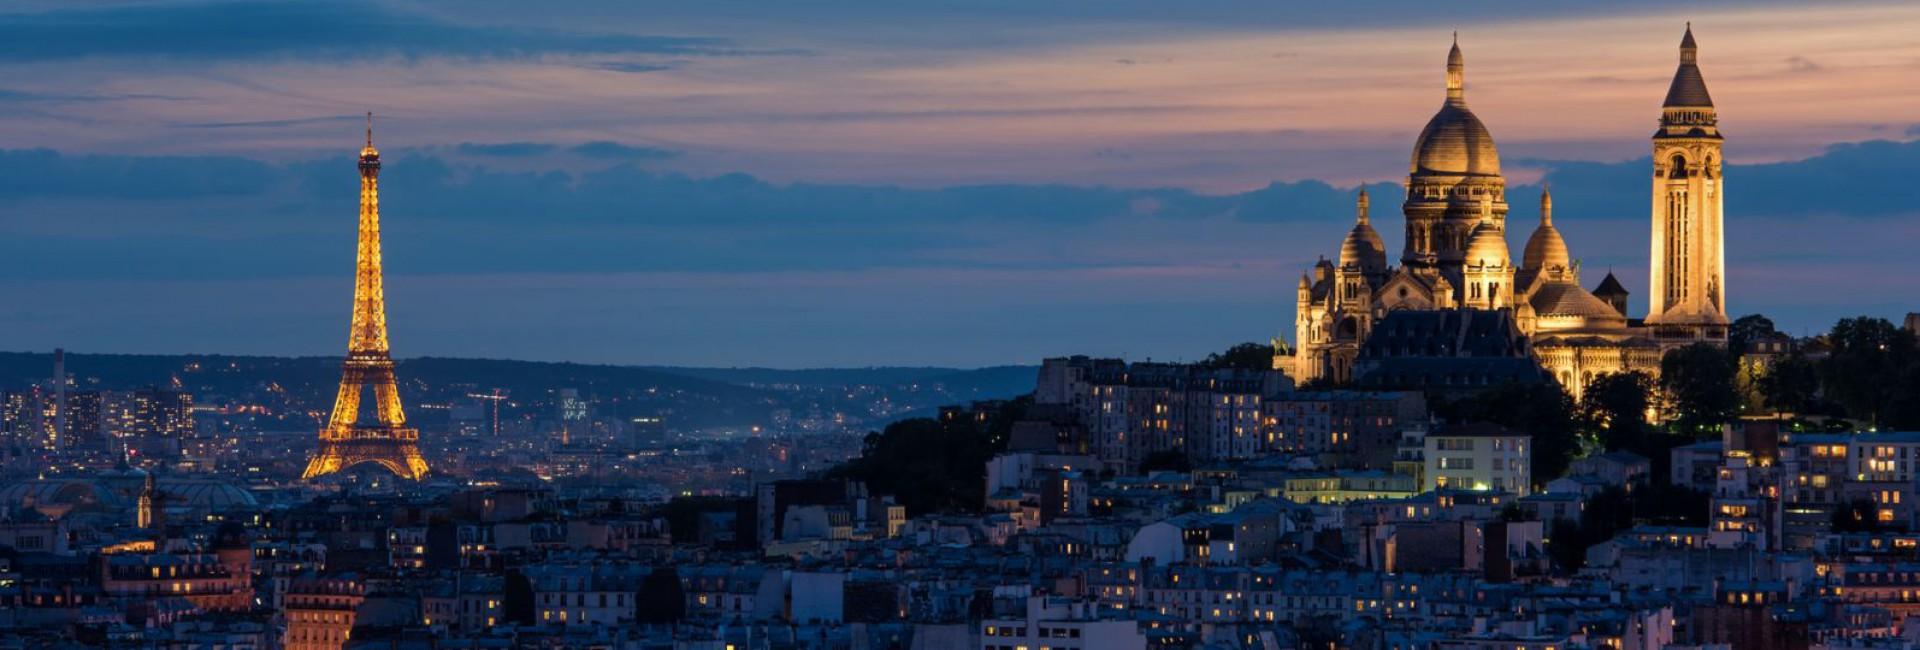 Les Plus Belles Villes Pres De Paris